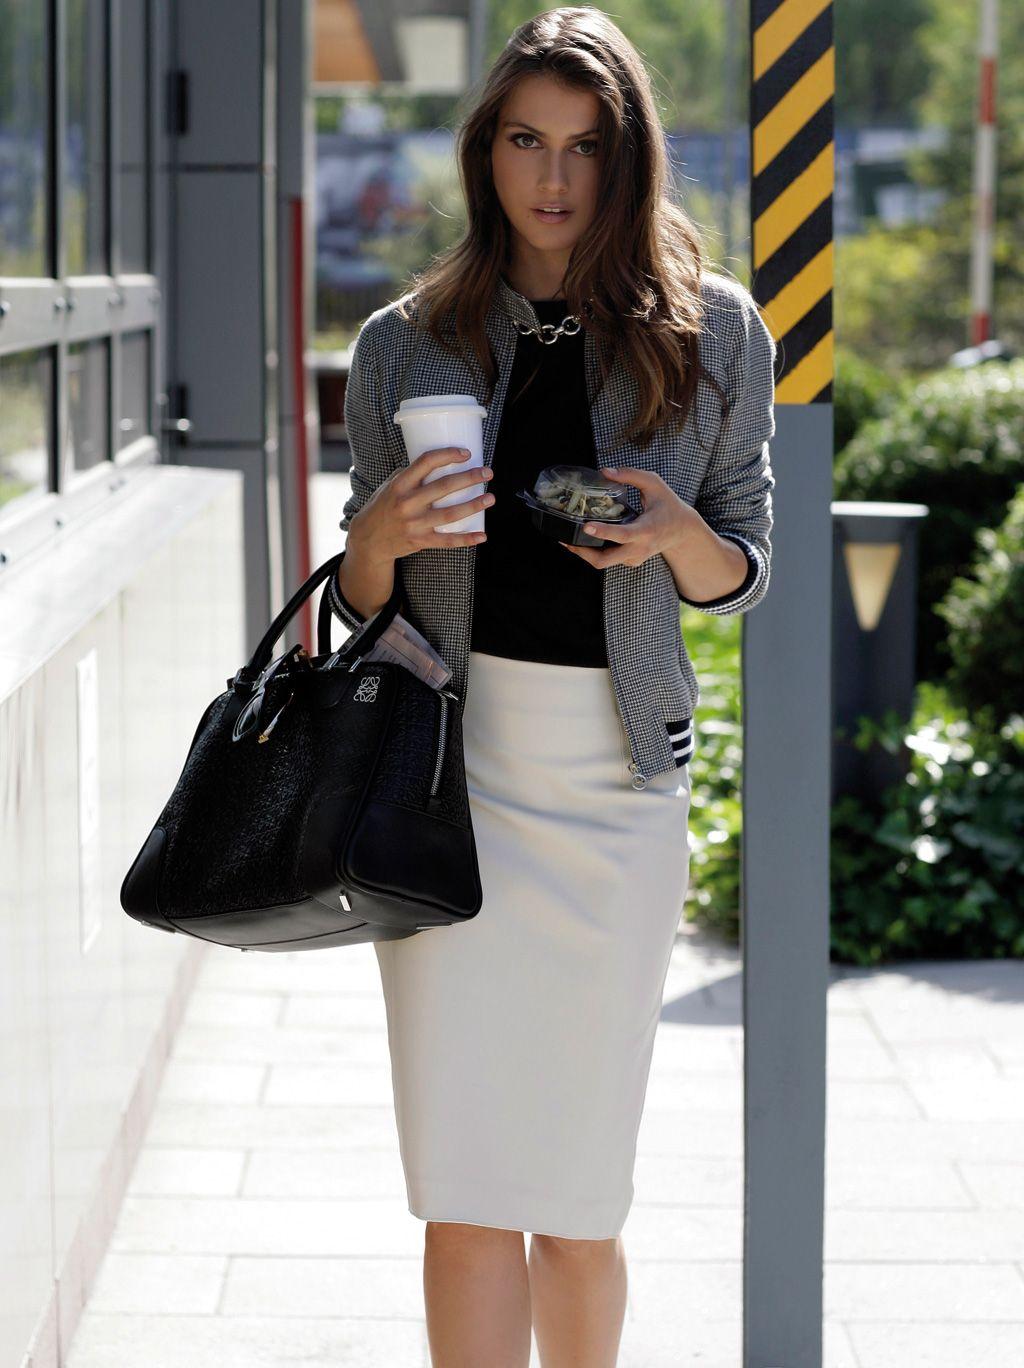 elleWorksDay. Moda otoño 2015. Chaqueta informal para el trabajo en gris, falda recta blanca combinada con blusa negra o jersey negro. Muy urbanita!!!